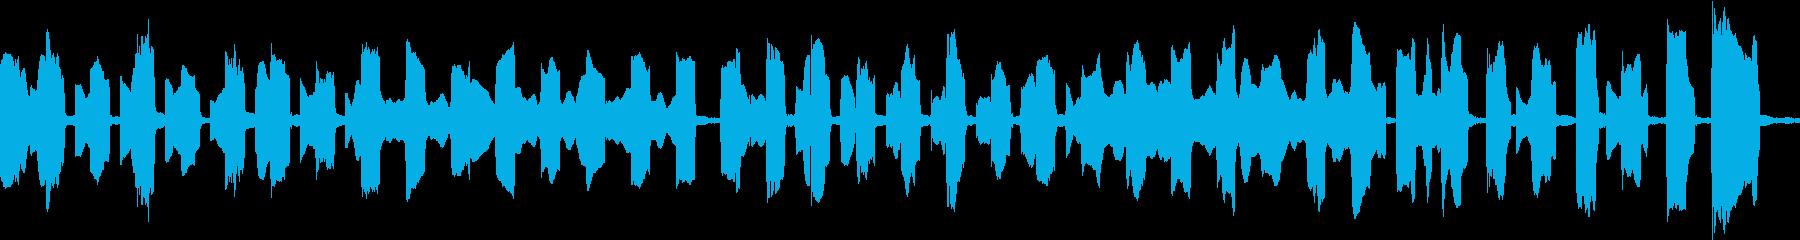 のんびりかわいい感じ/ループ/オルガンの再生済みの波形